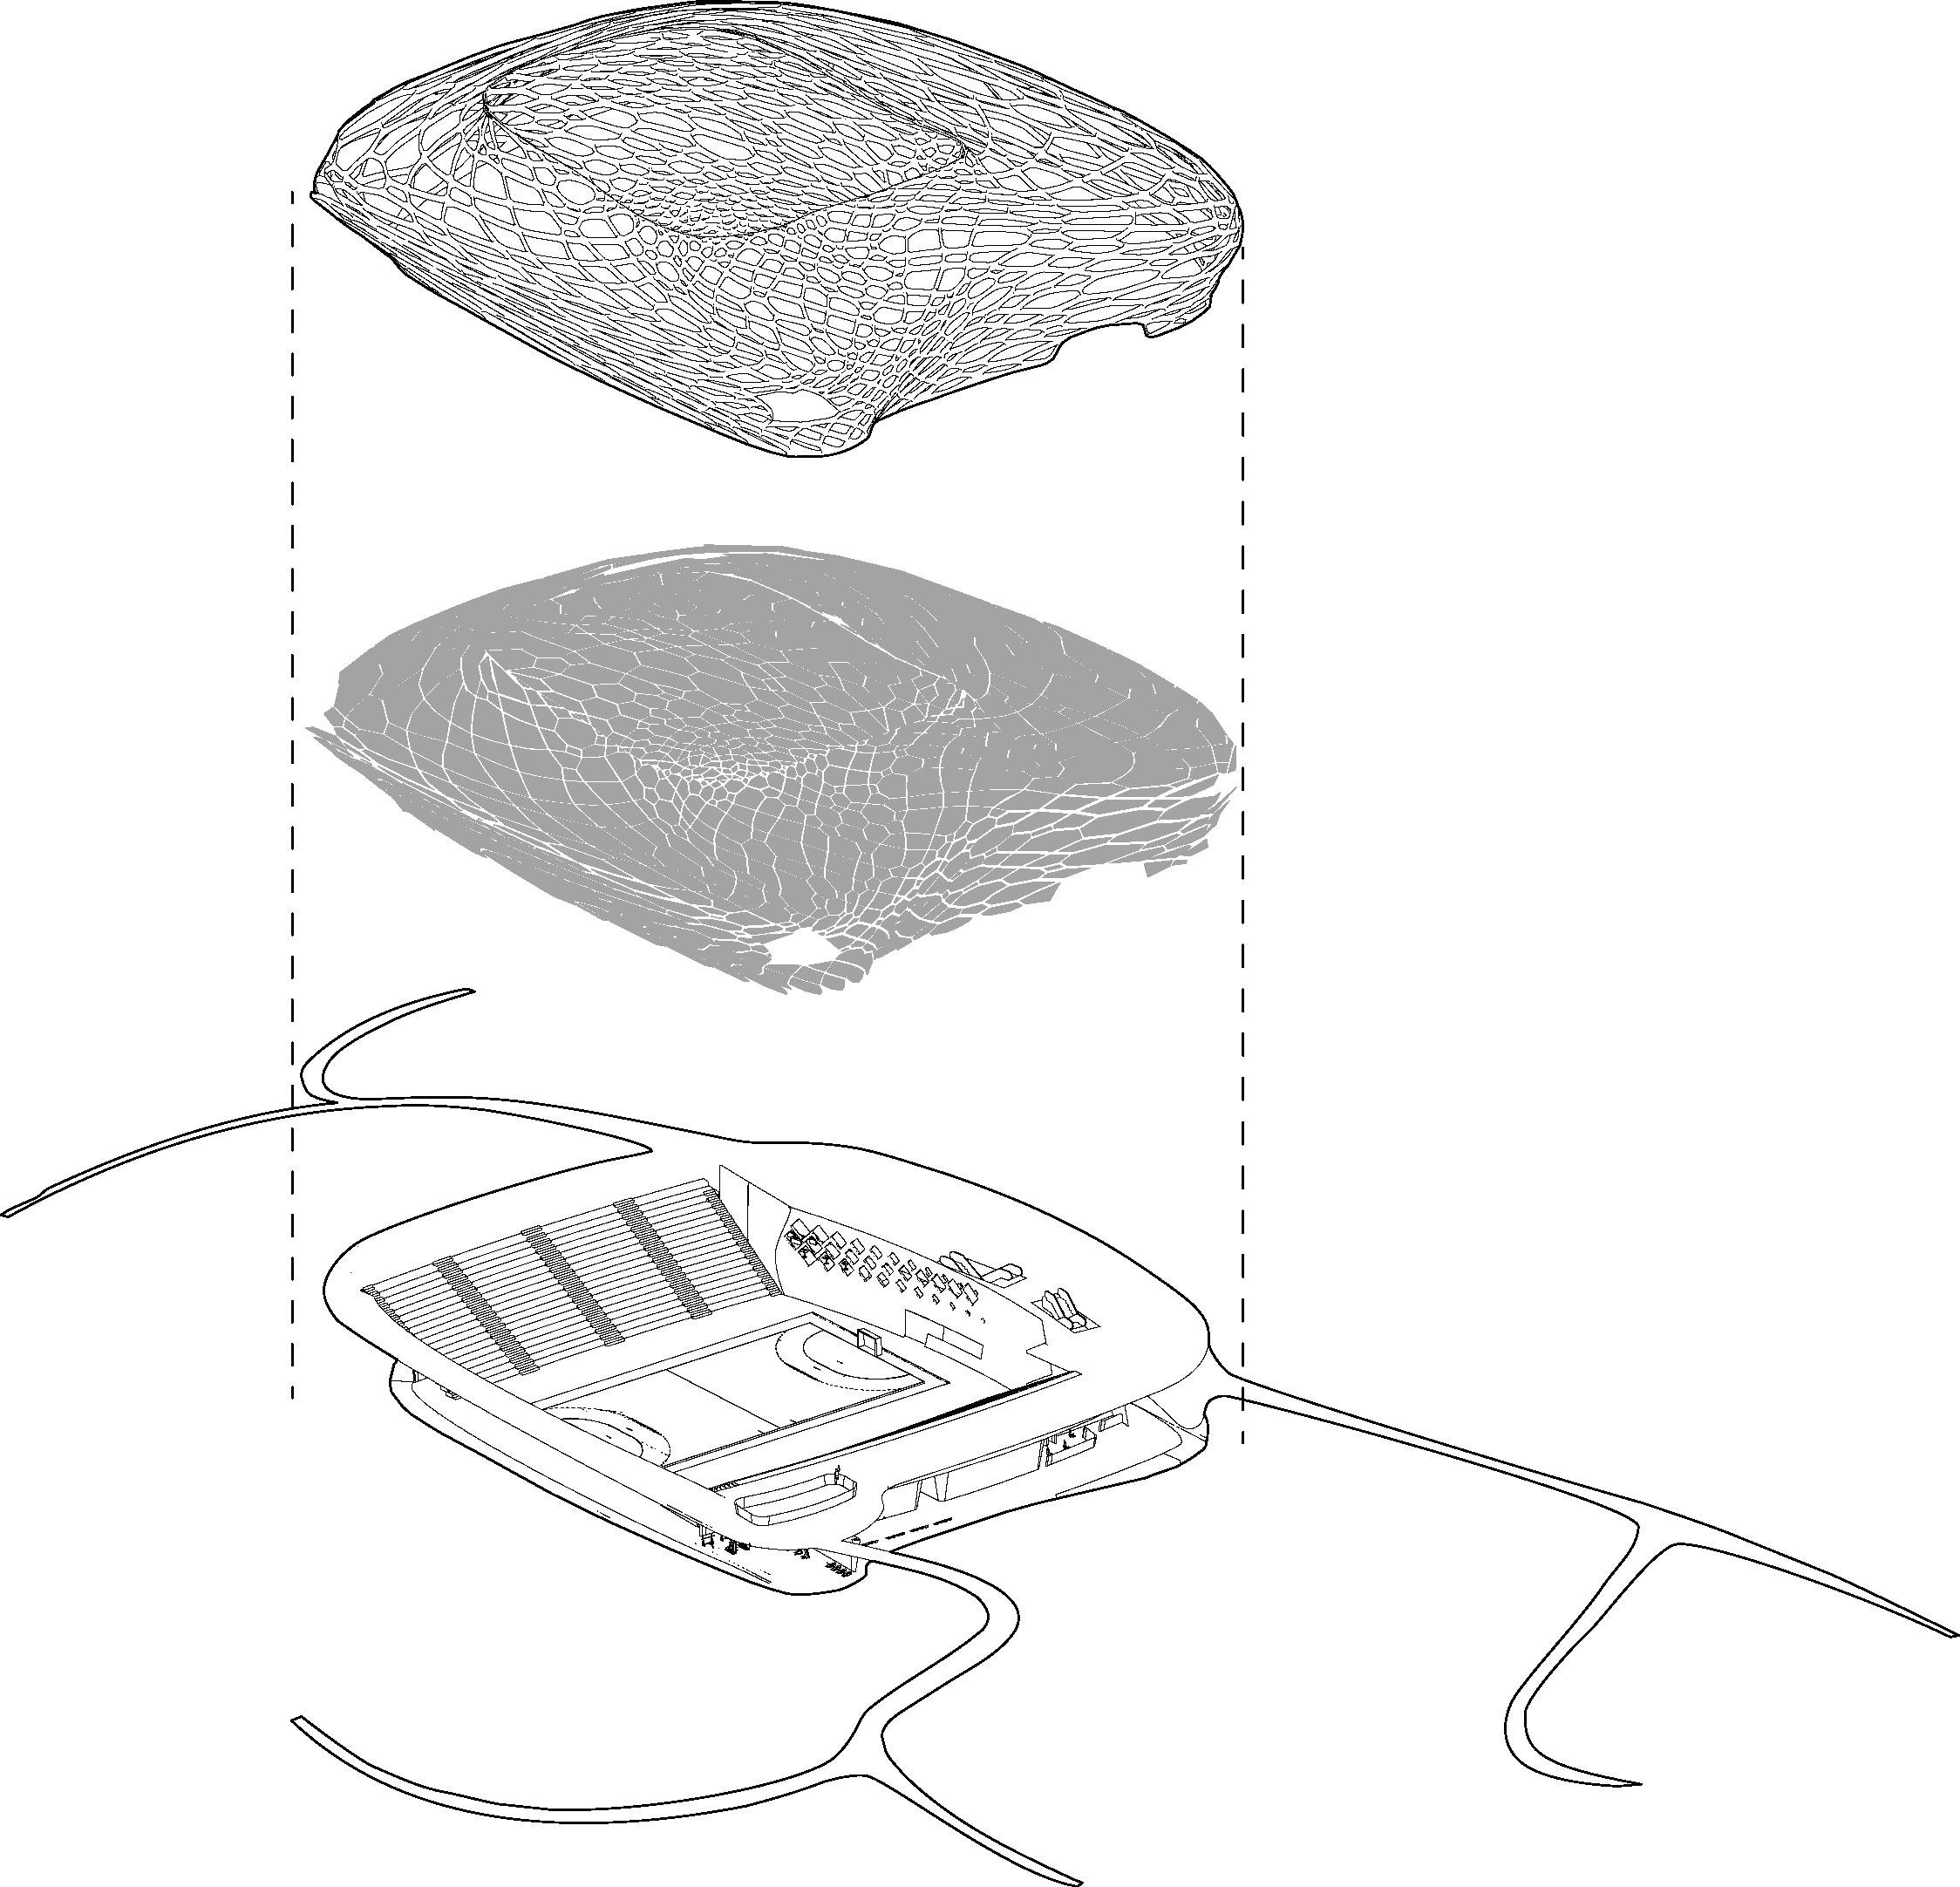 explosion diagram